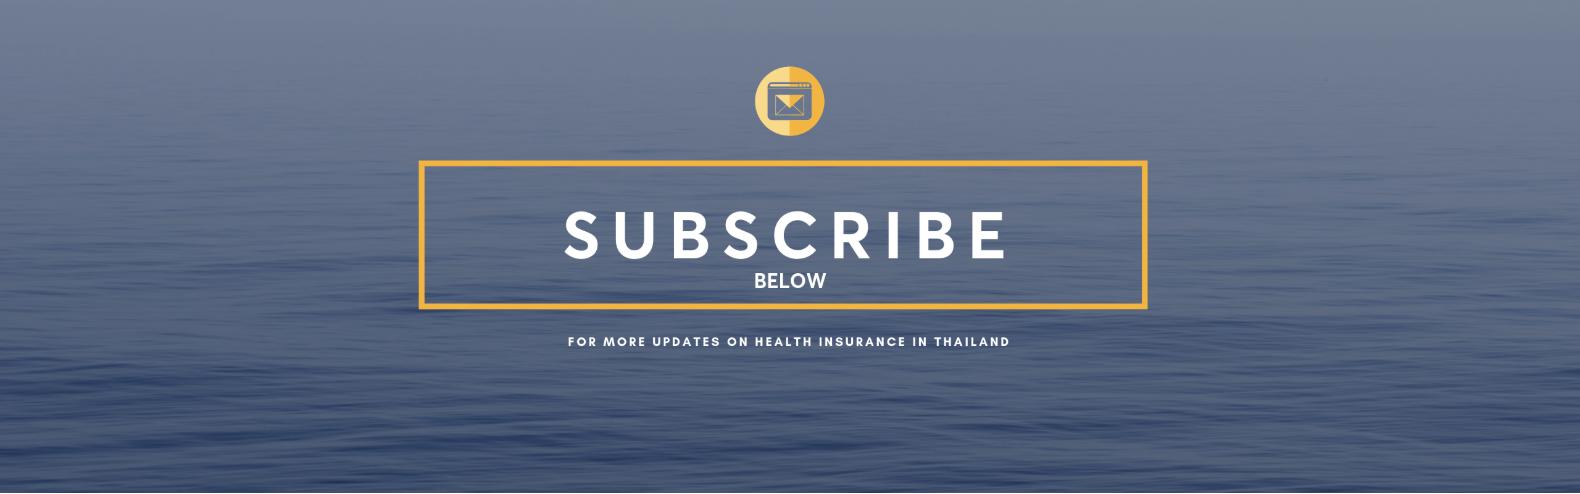 health updates thailand